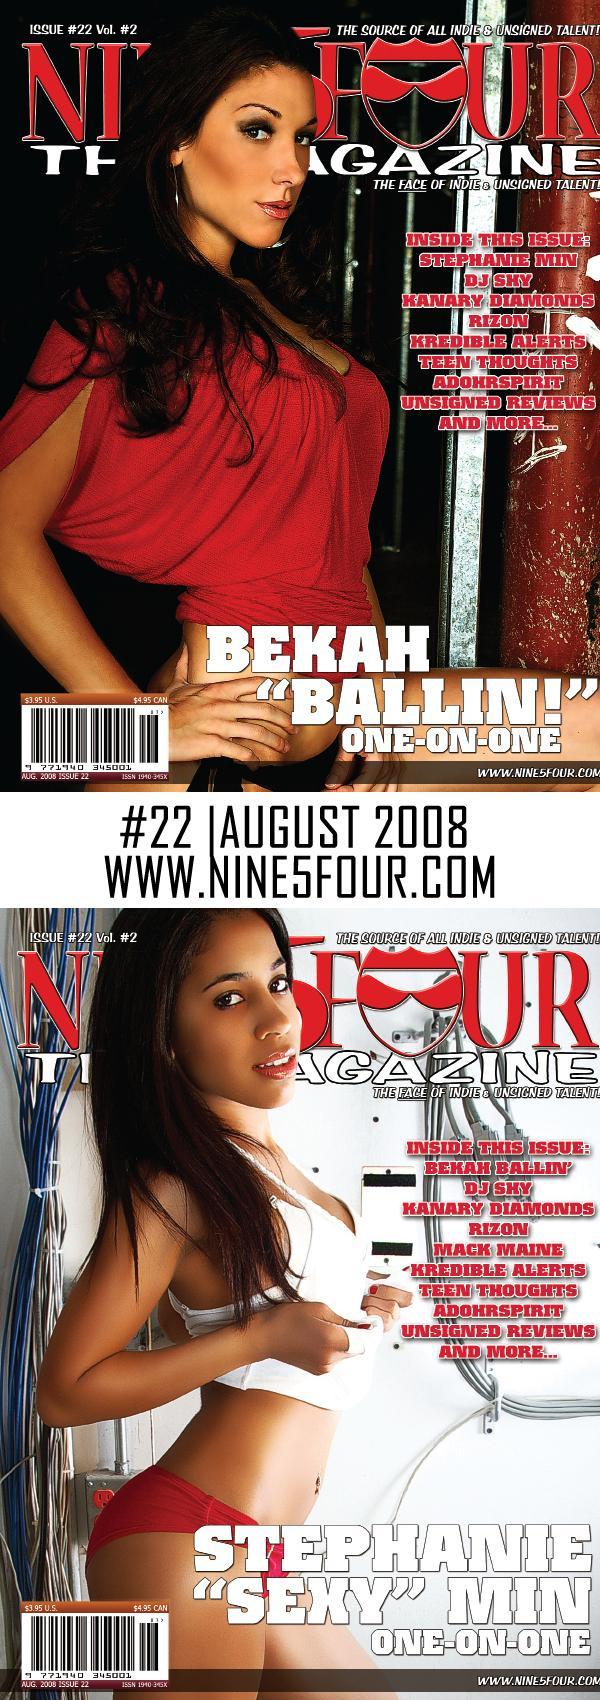 Pompano Beach, FL Aug 14, 2008 2008 Nine5Four, Inc. 2008 Issue 22 - Bekah Ballin and Stephanie Min